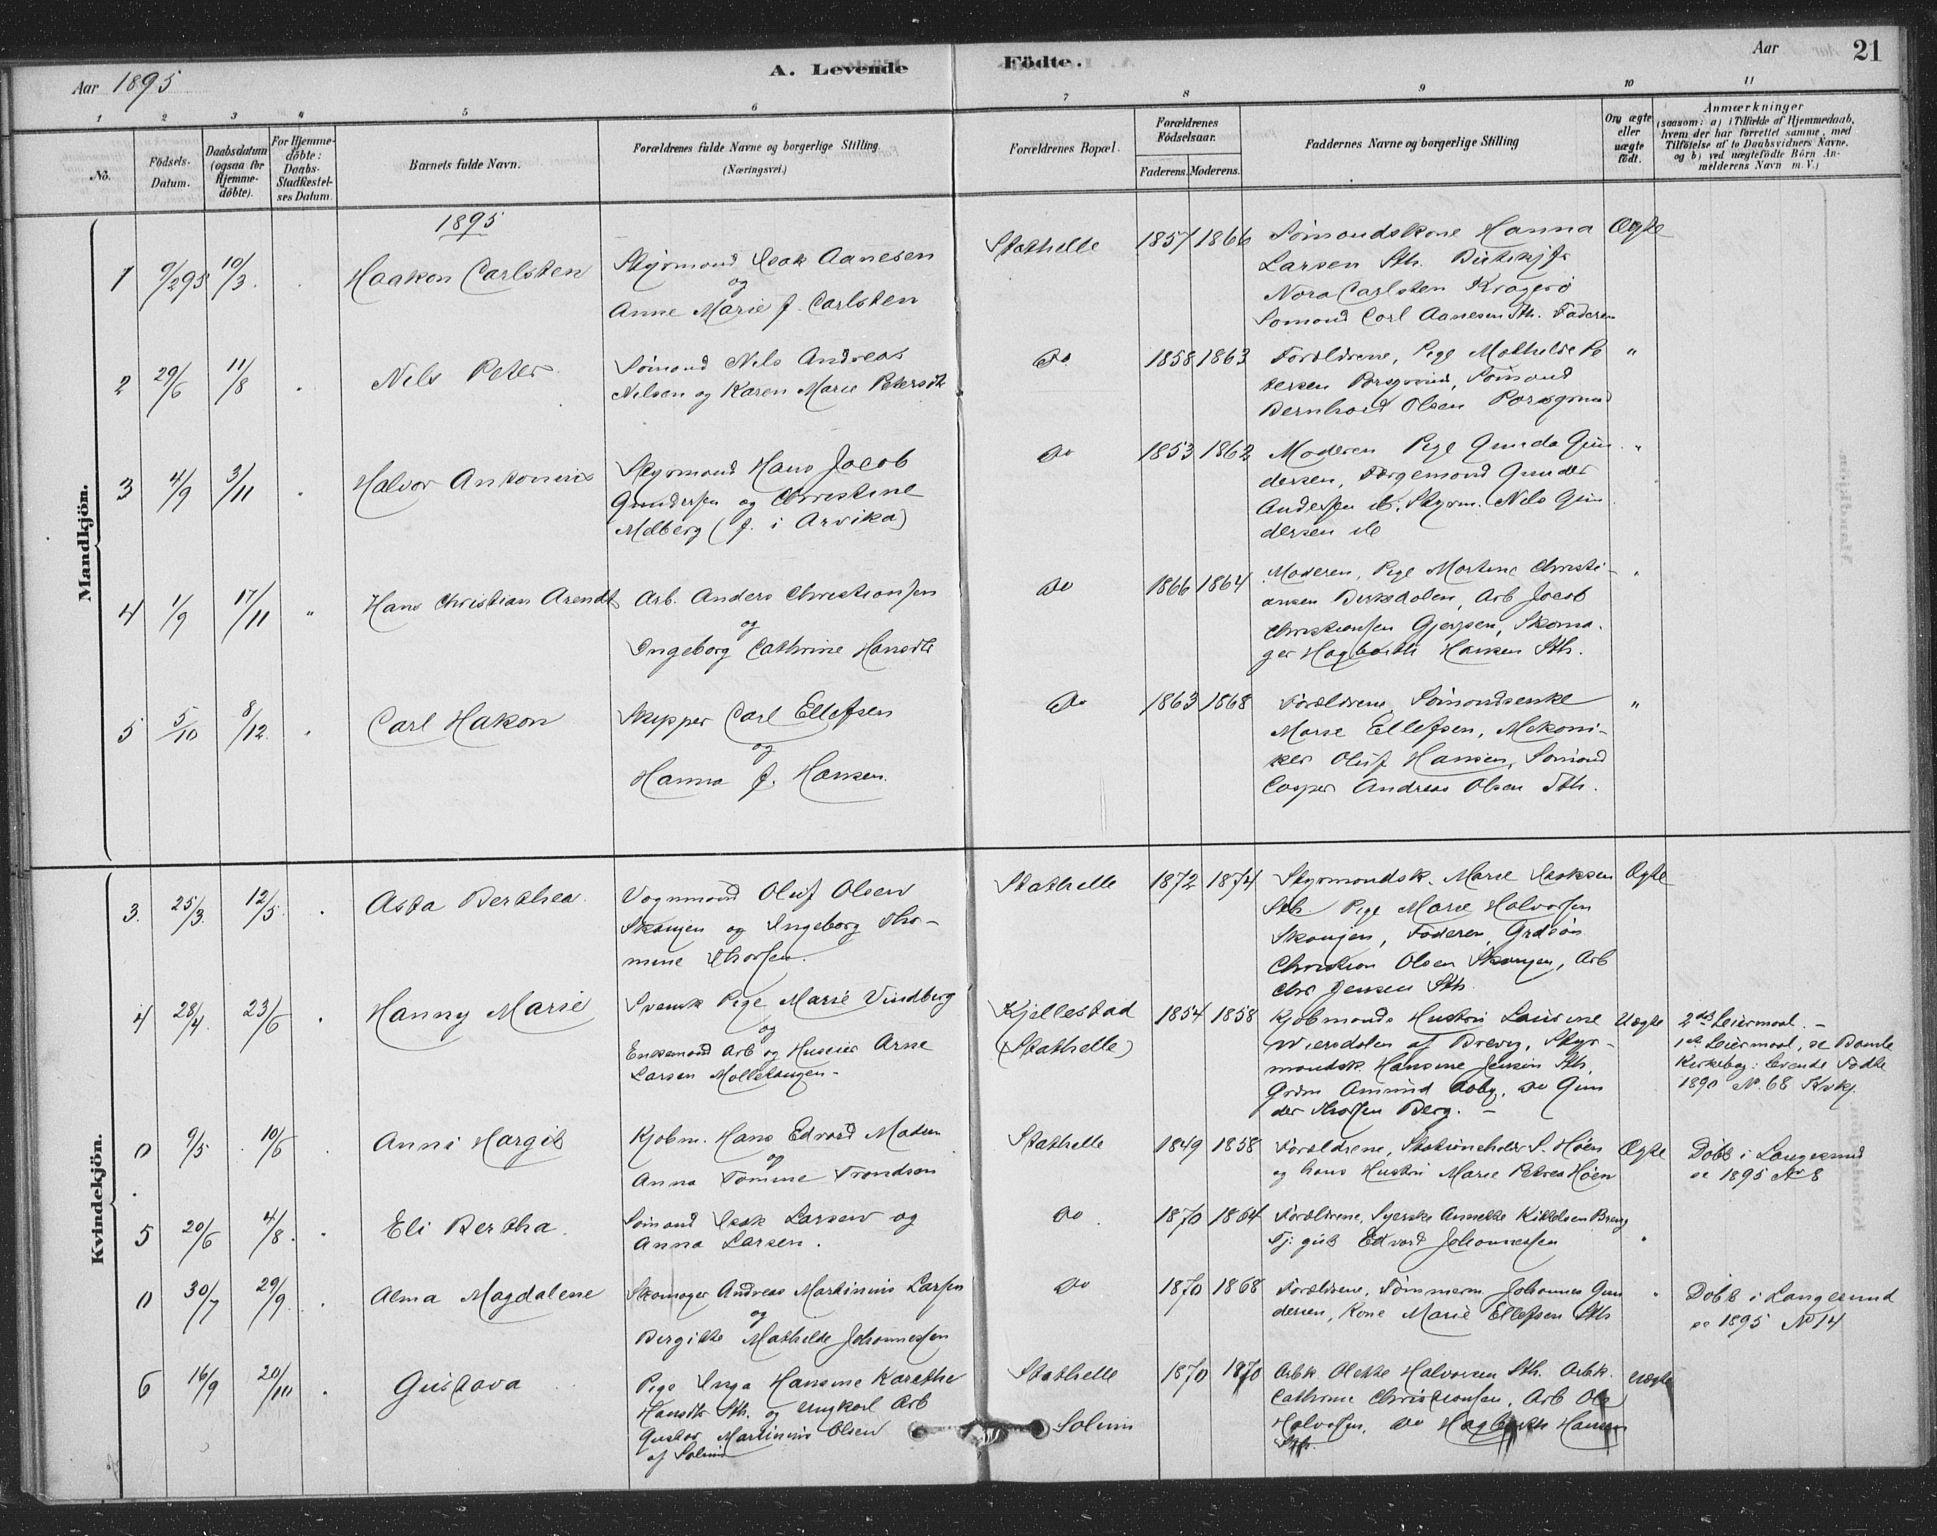 SAKO, Bamble kirkebøker, F/Fb/L0001: Ministerialbok nr. II 1, 1878-1899, s. 21